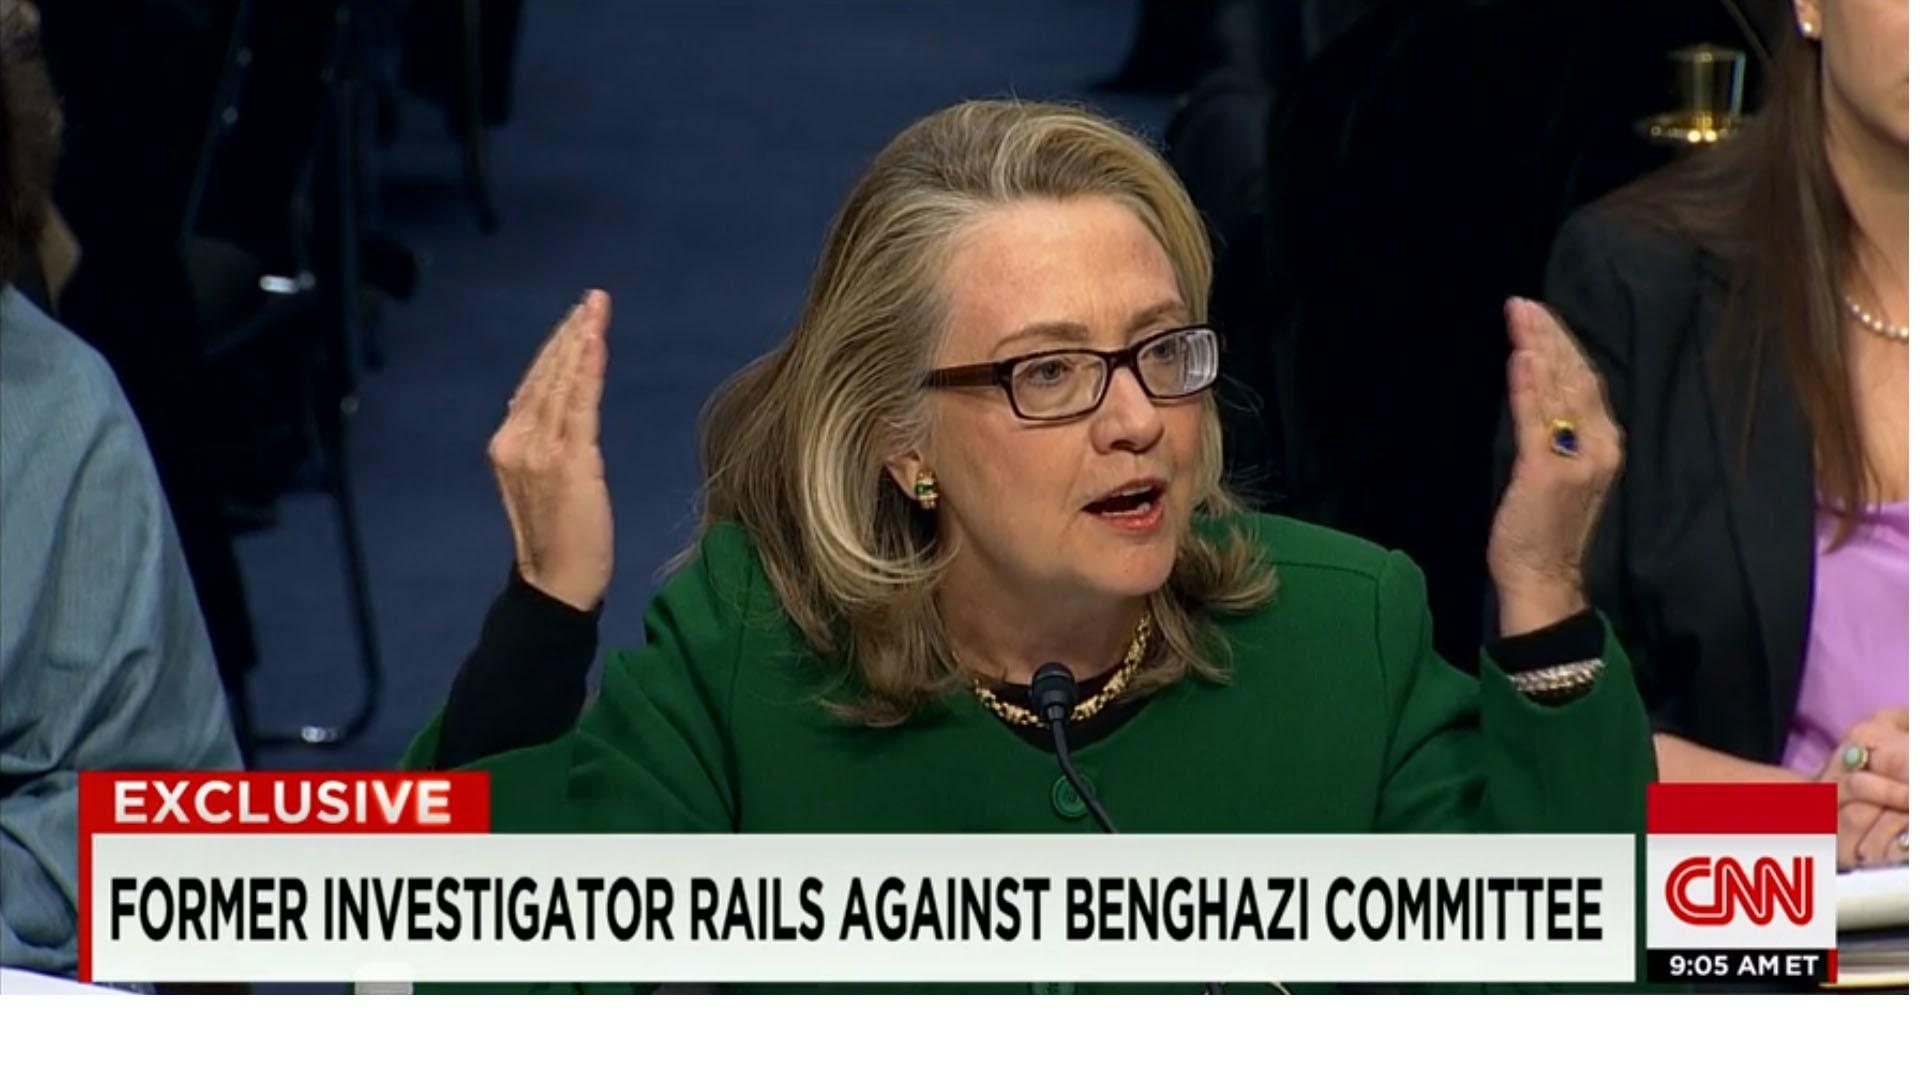 """محقق سابق بـ""""هجوم بنغازي"""" يتهم الجمهوريين باستهداف كلينتون في """"تحقيق حزبي"""""""